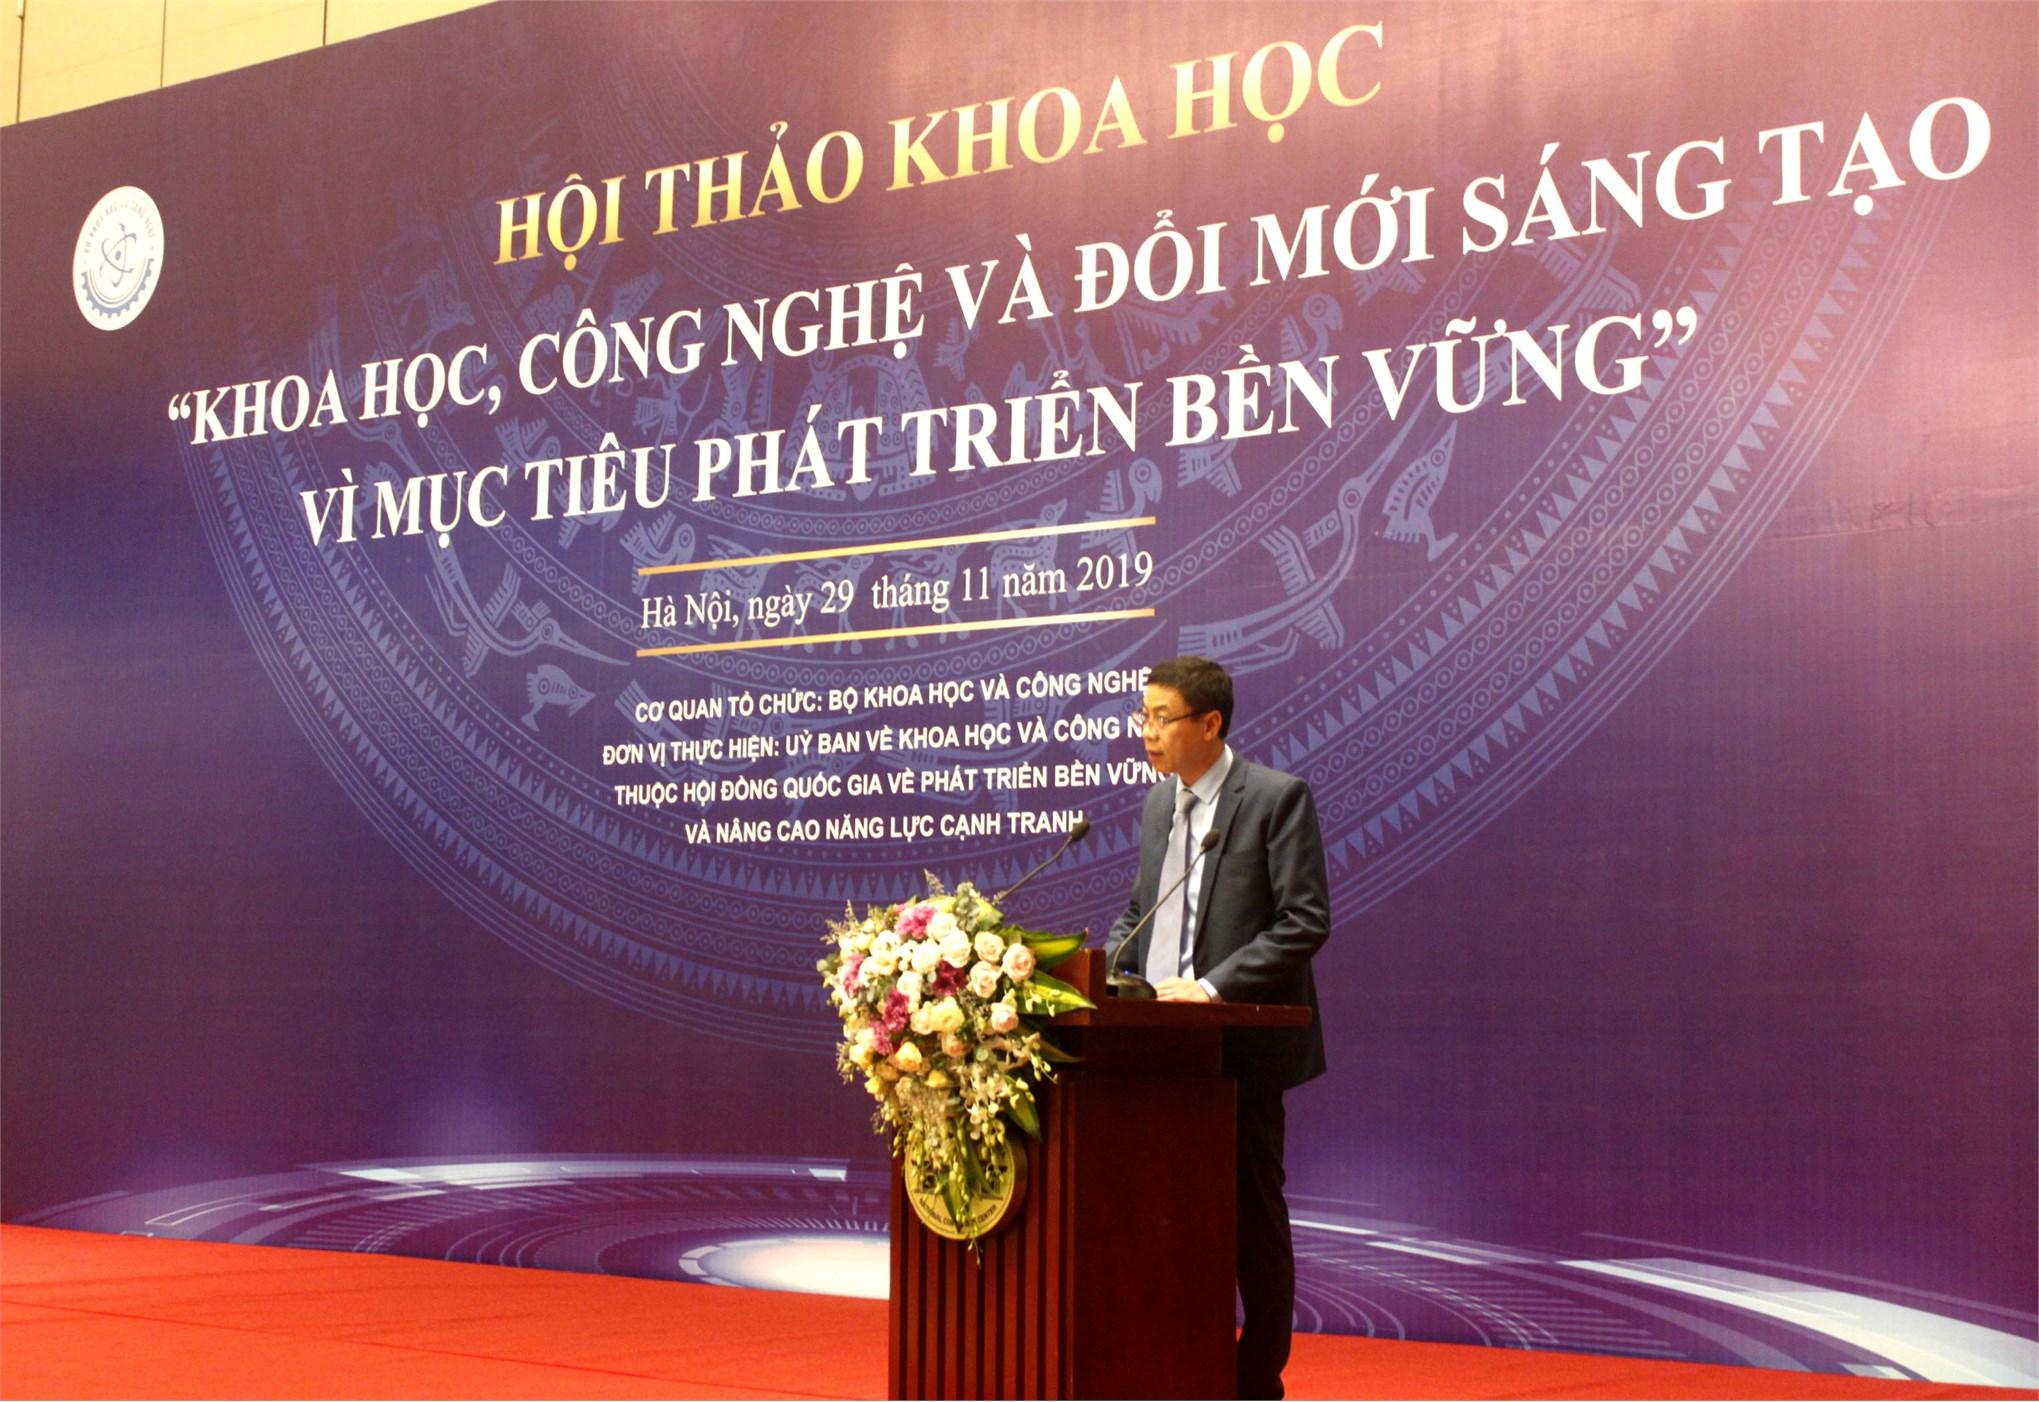 """Hội thảo quốc gia """"Khoa học, công nghệ và đổi mới sáng tạo vì mục tiêu phát triển bền vững"""""""